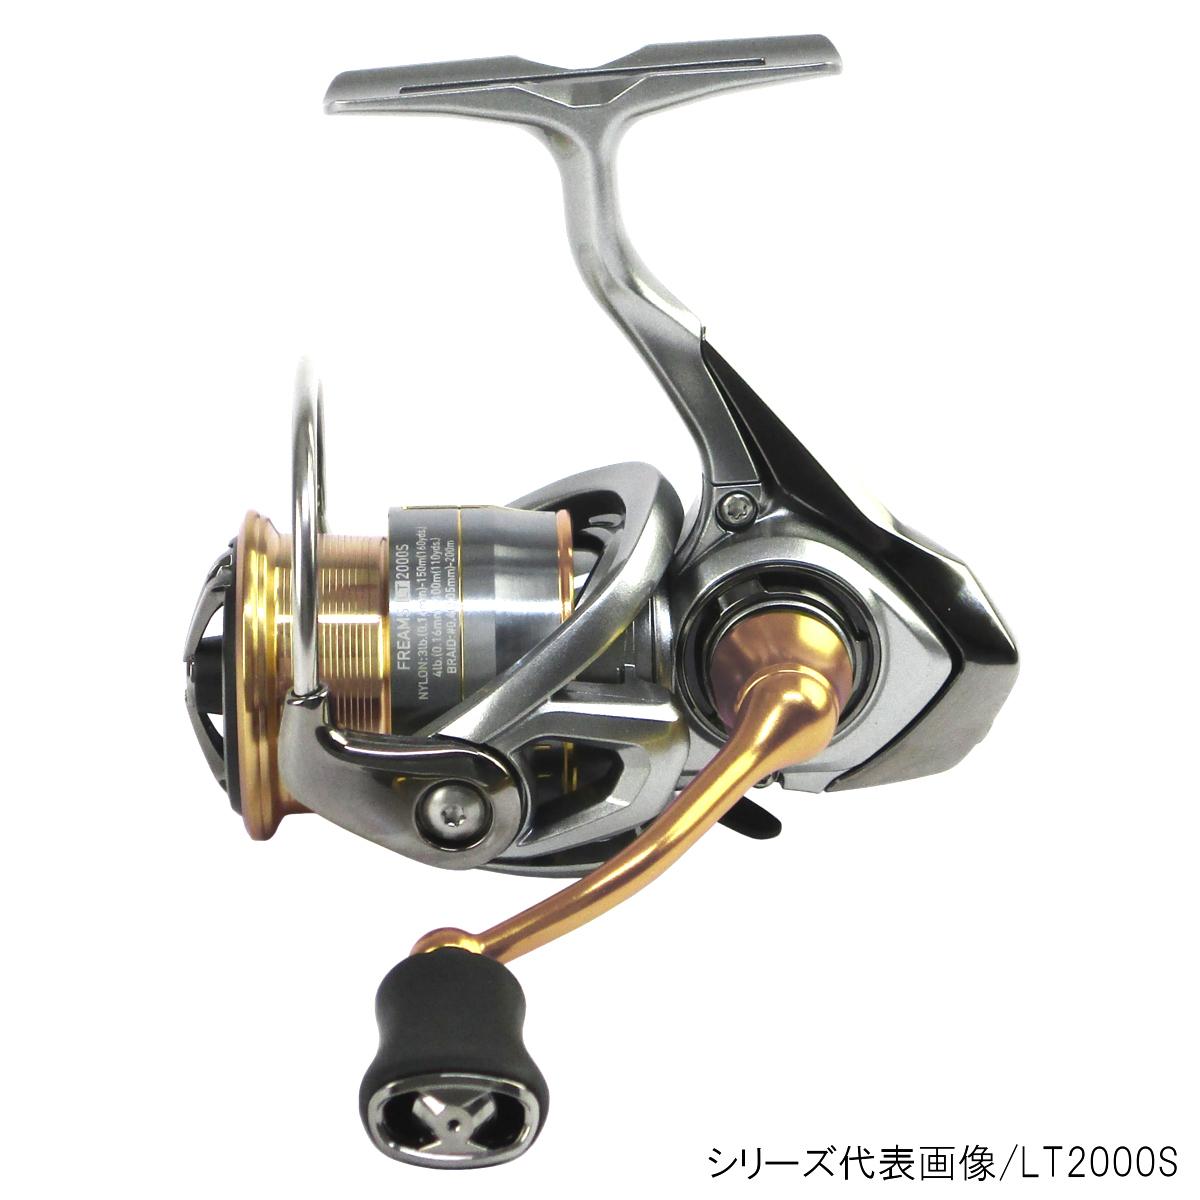 ダイワ フリームス LT2000S-XH(東日本店)